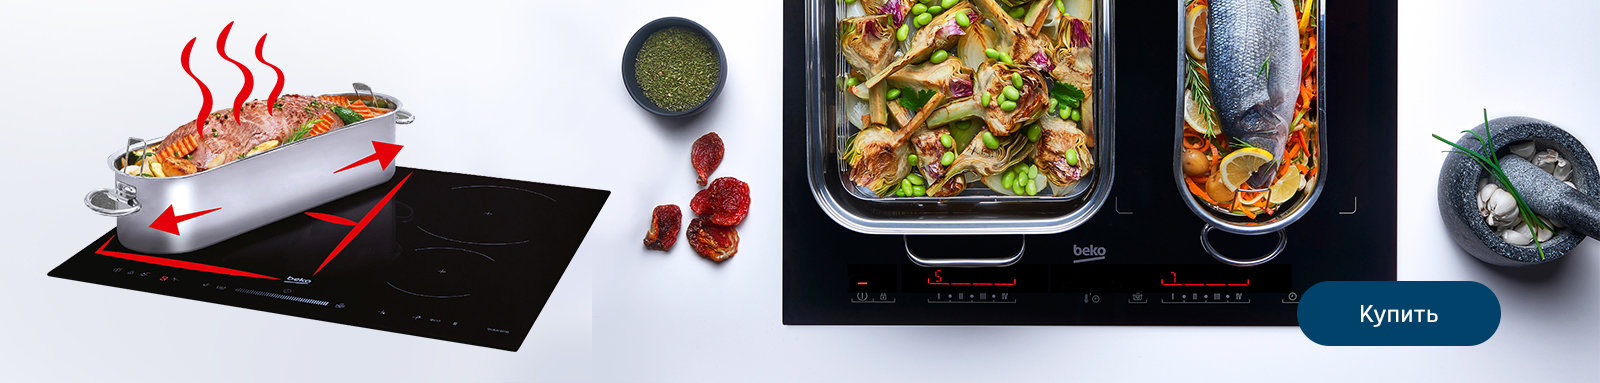 Готовьте любимые блюда </br>даже в нестандартной посуде